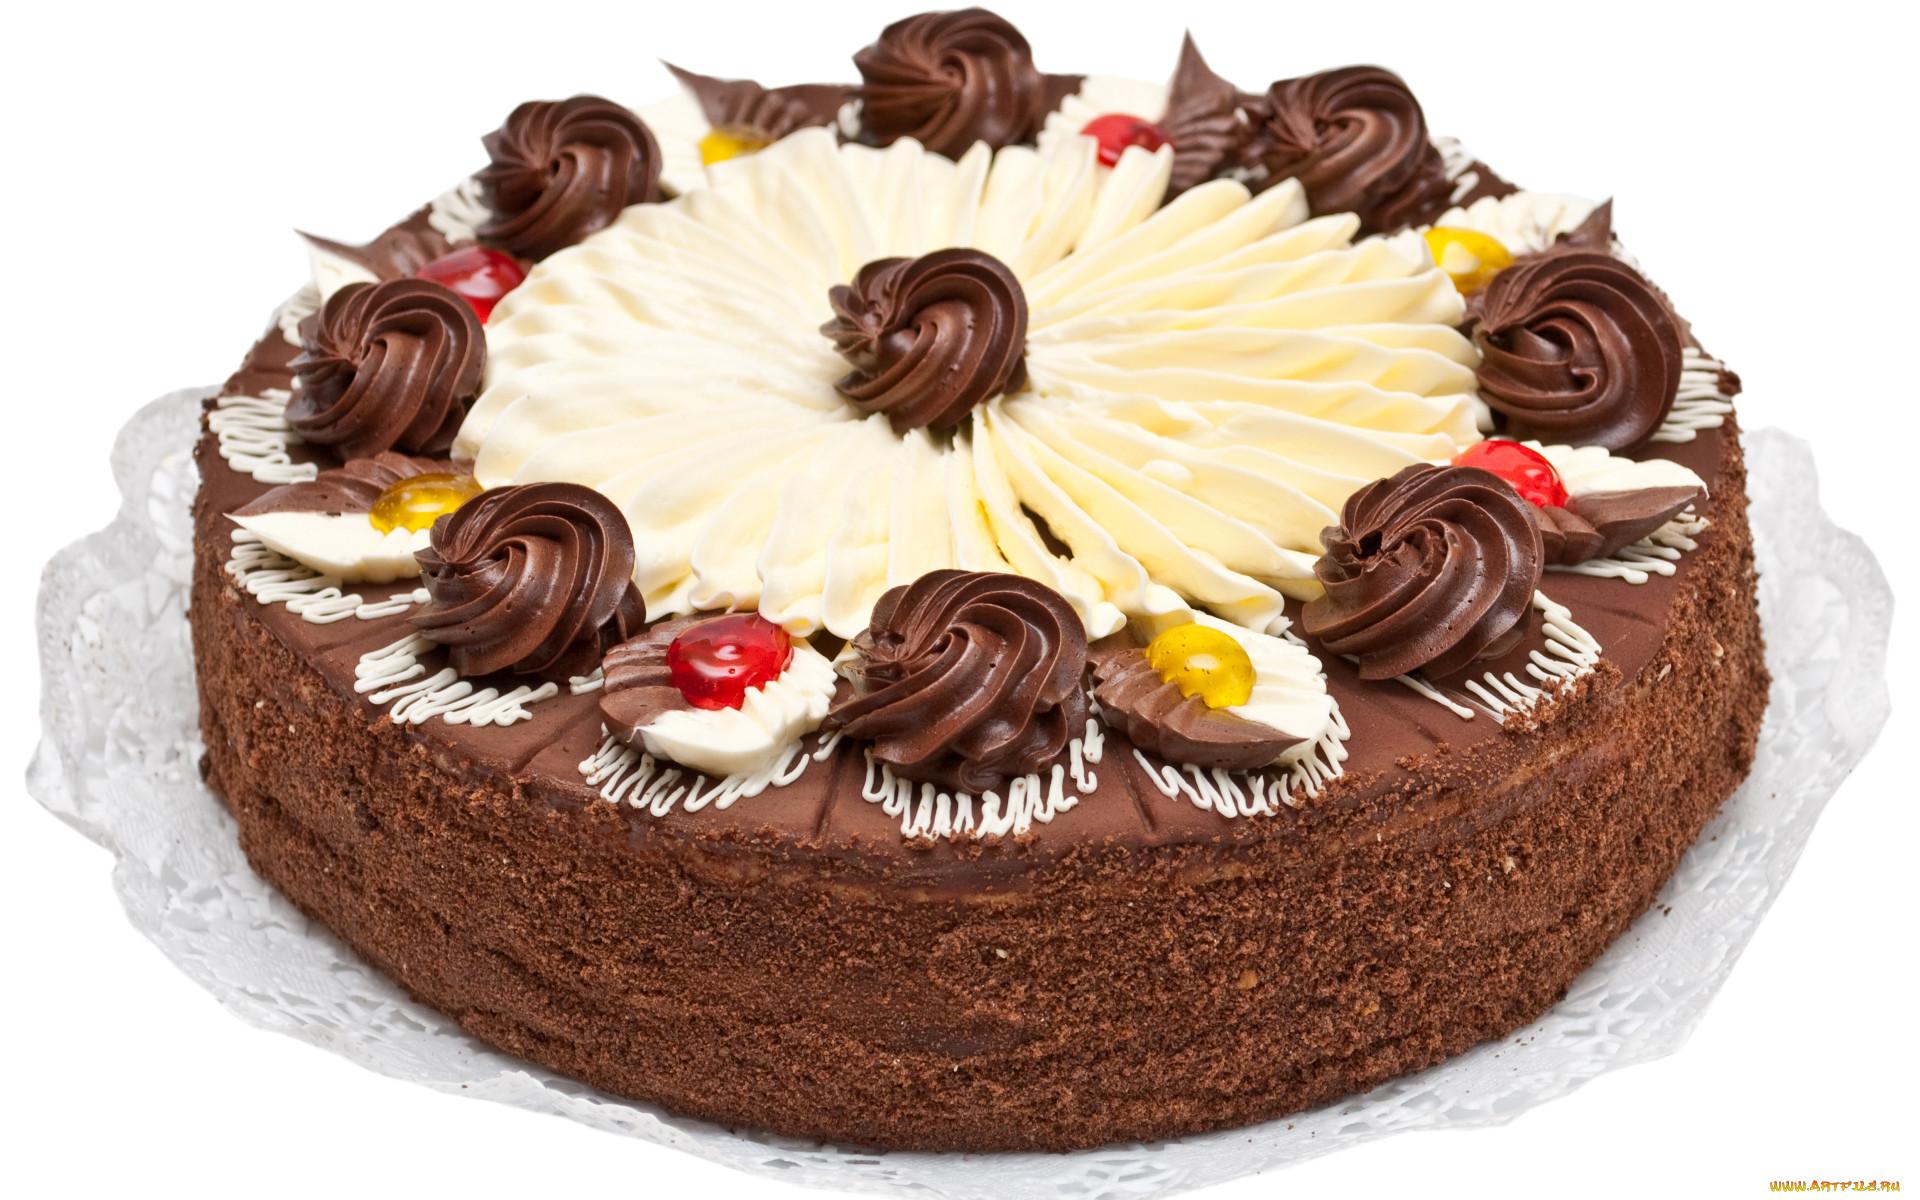 Вкусный шоколадный крем для торта